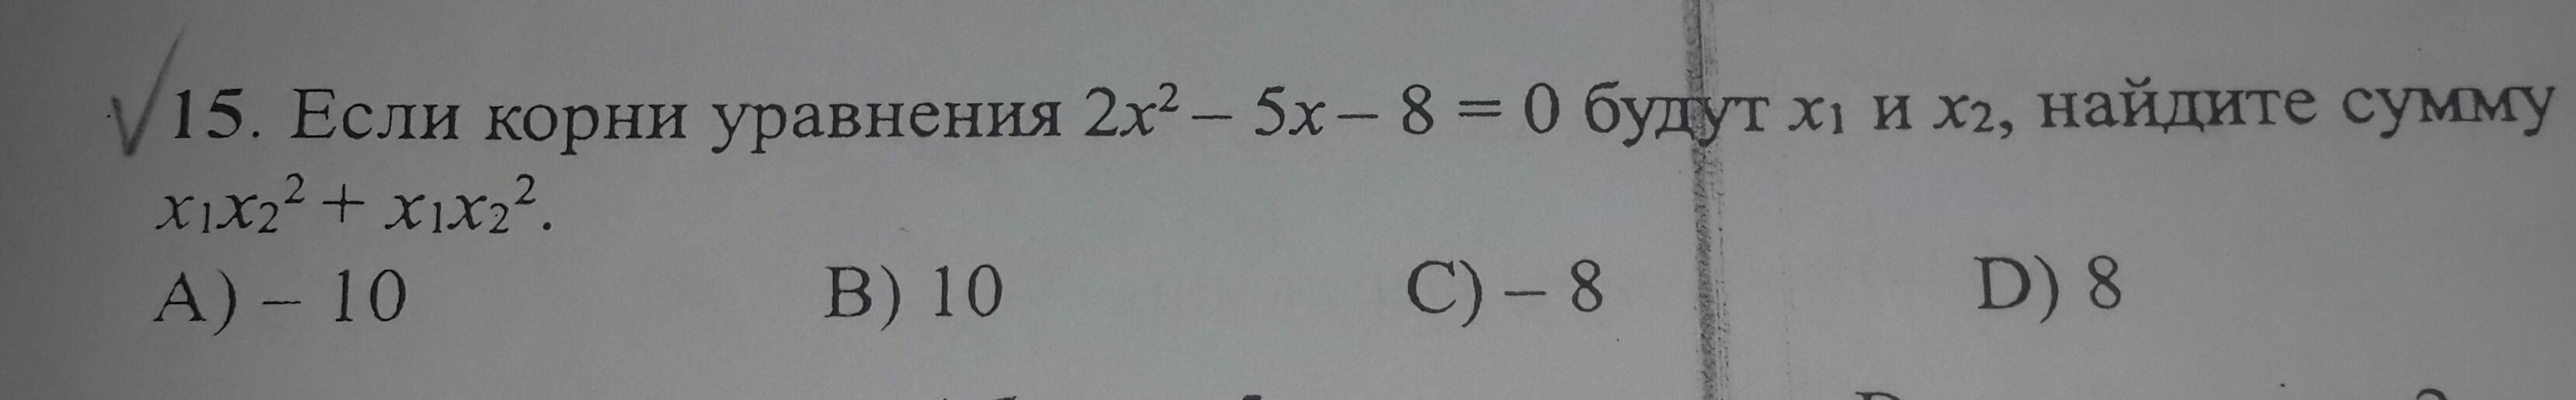 Если корни уравнения 2х^2-5х-8=0 будут х1 и х2,